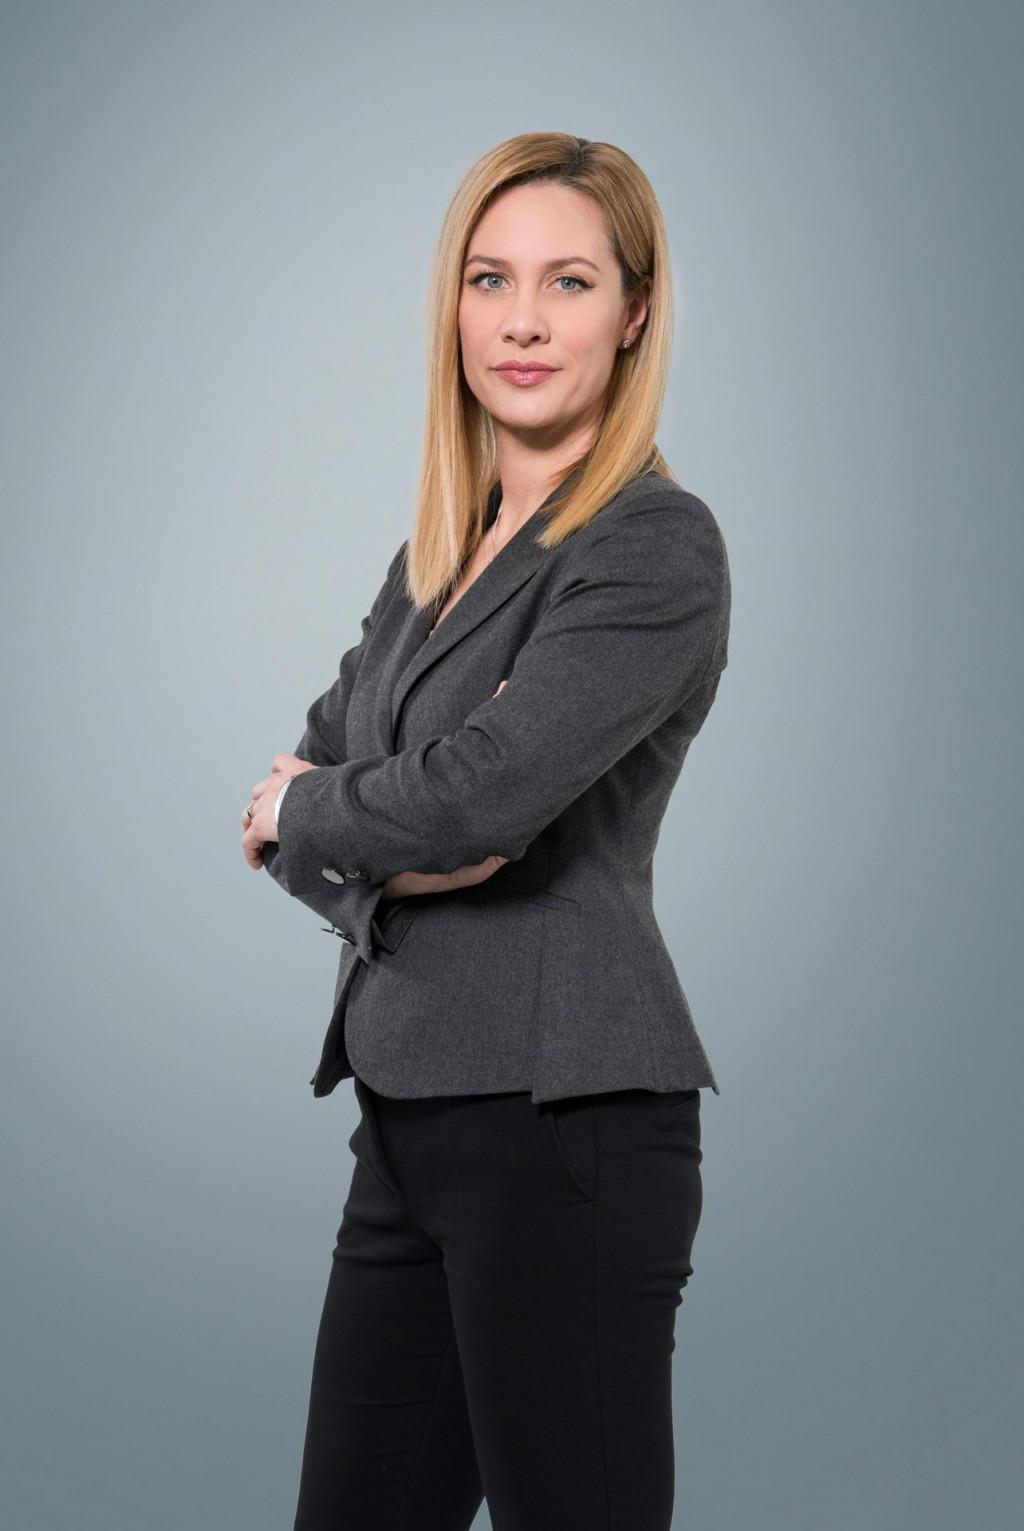 Ivana Brkić Tomljenović